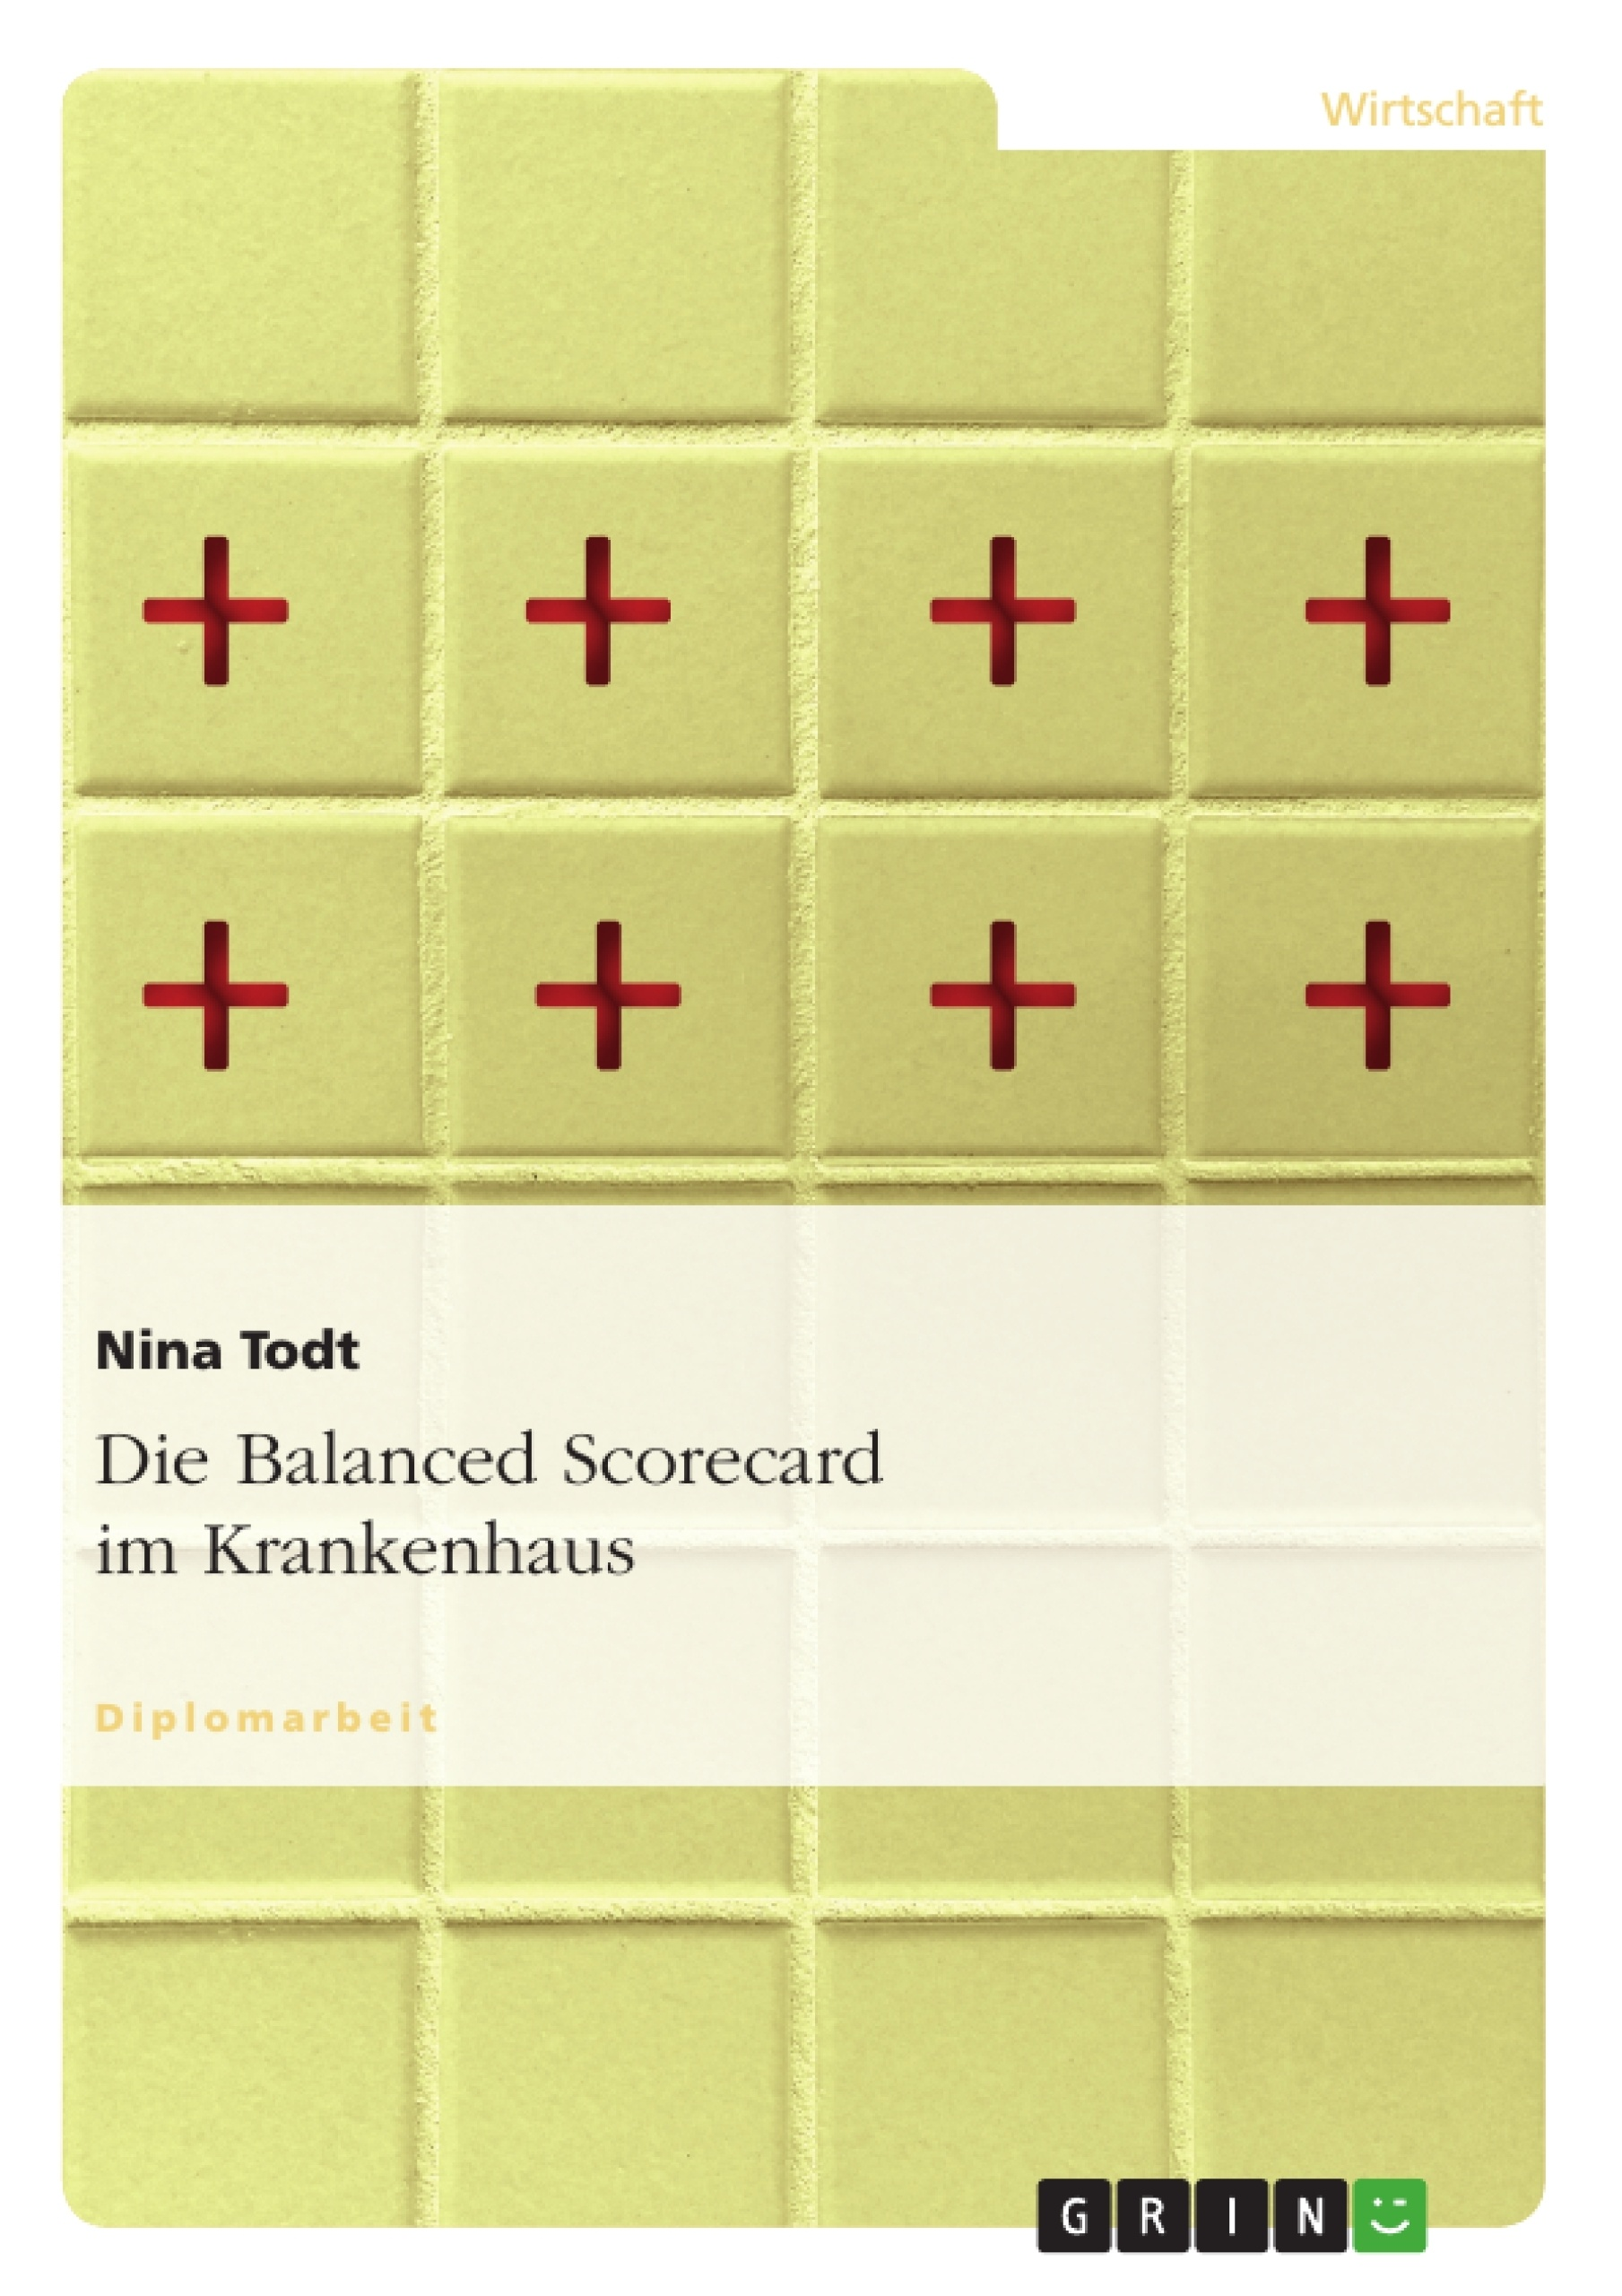 Die Balanced Scorecard im Krankenhaus | Masterarbeit, Hausarbeit ...